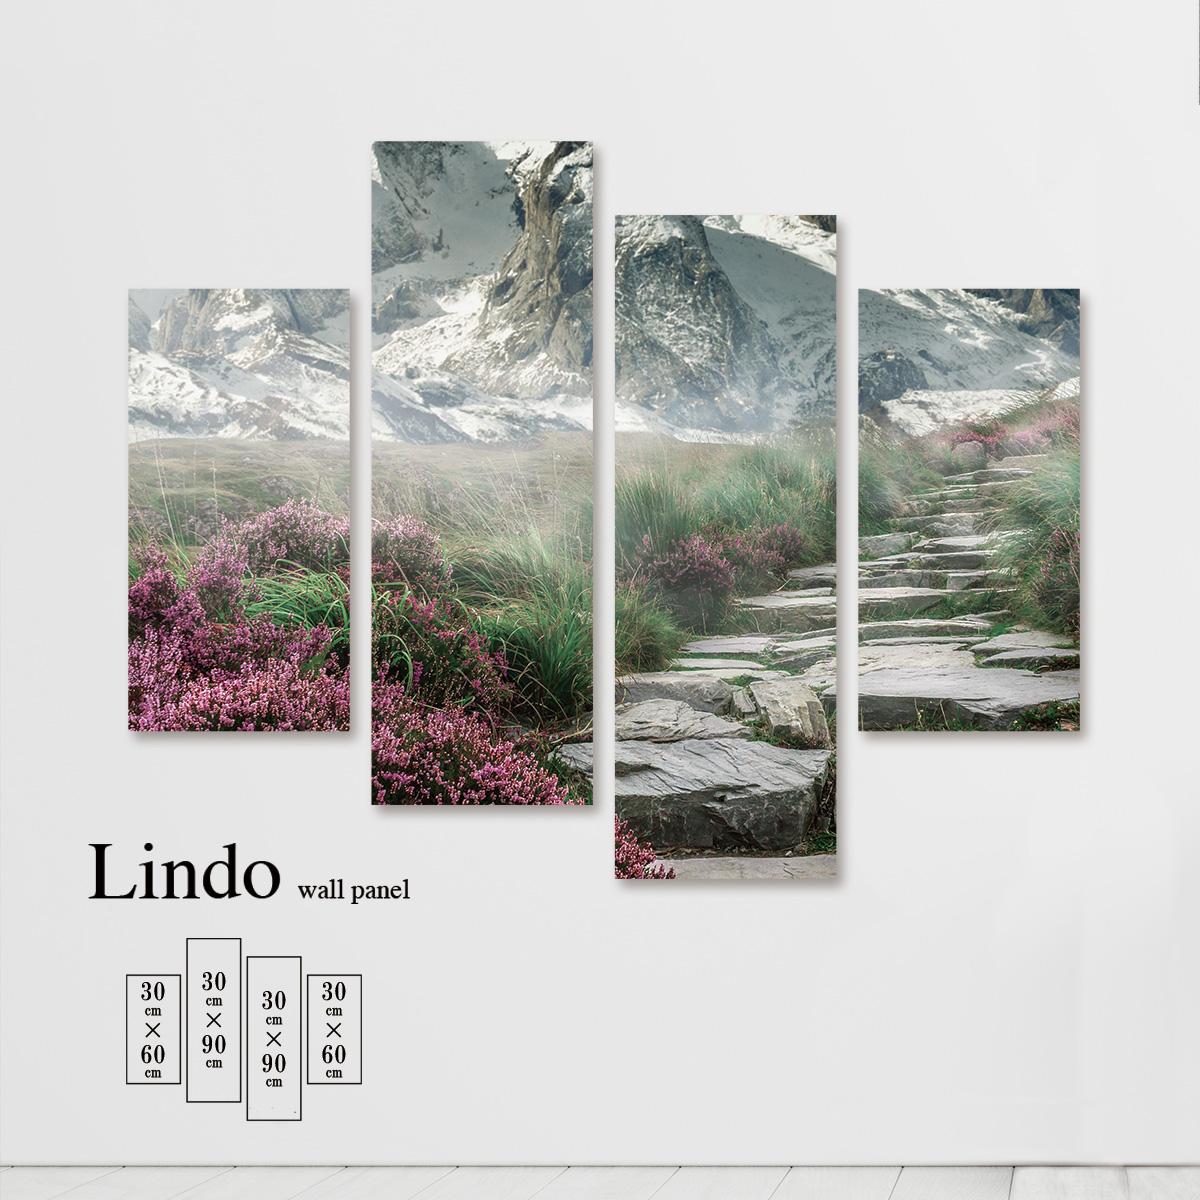 アートパネル 自然 風景 和 山 葉っぱ 景色 花 岩 階段 壁掛け 北欧 お洒落 デザイン ファブリック 壁飾り アートボード 4枚パネル